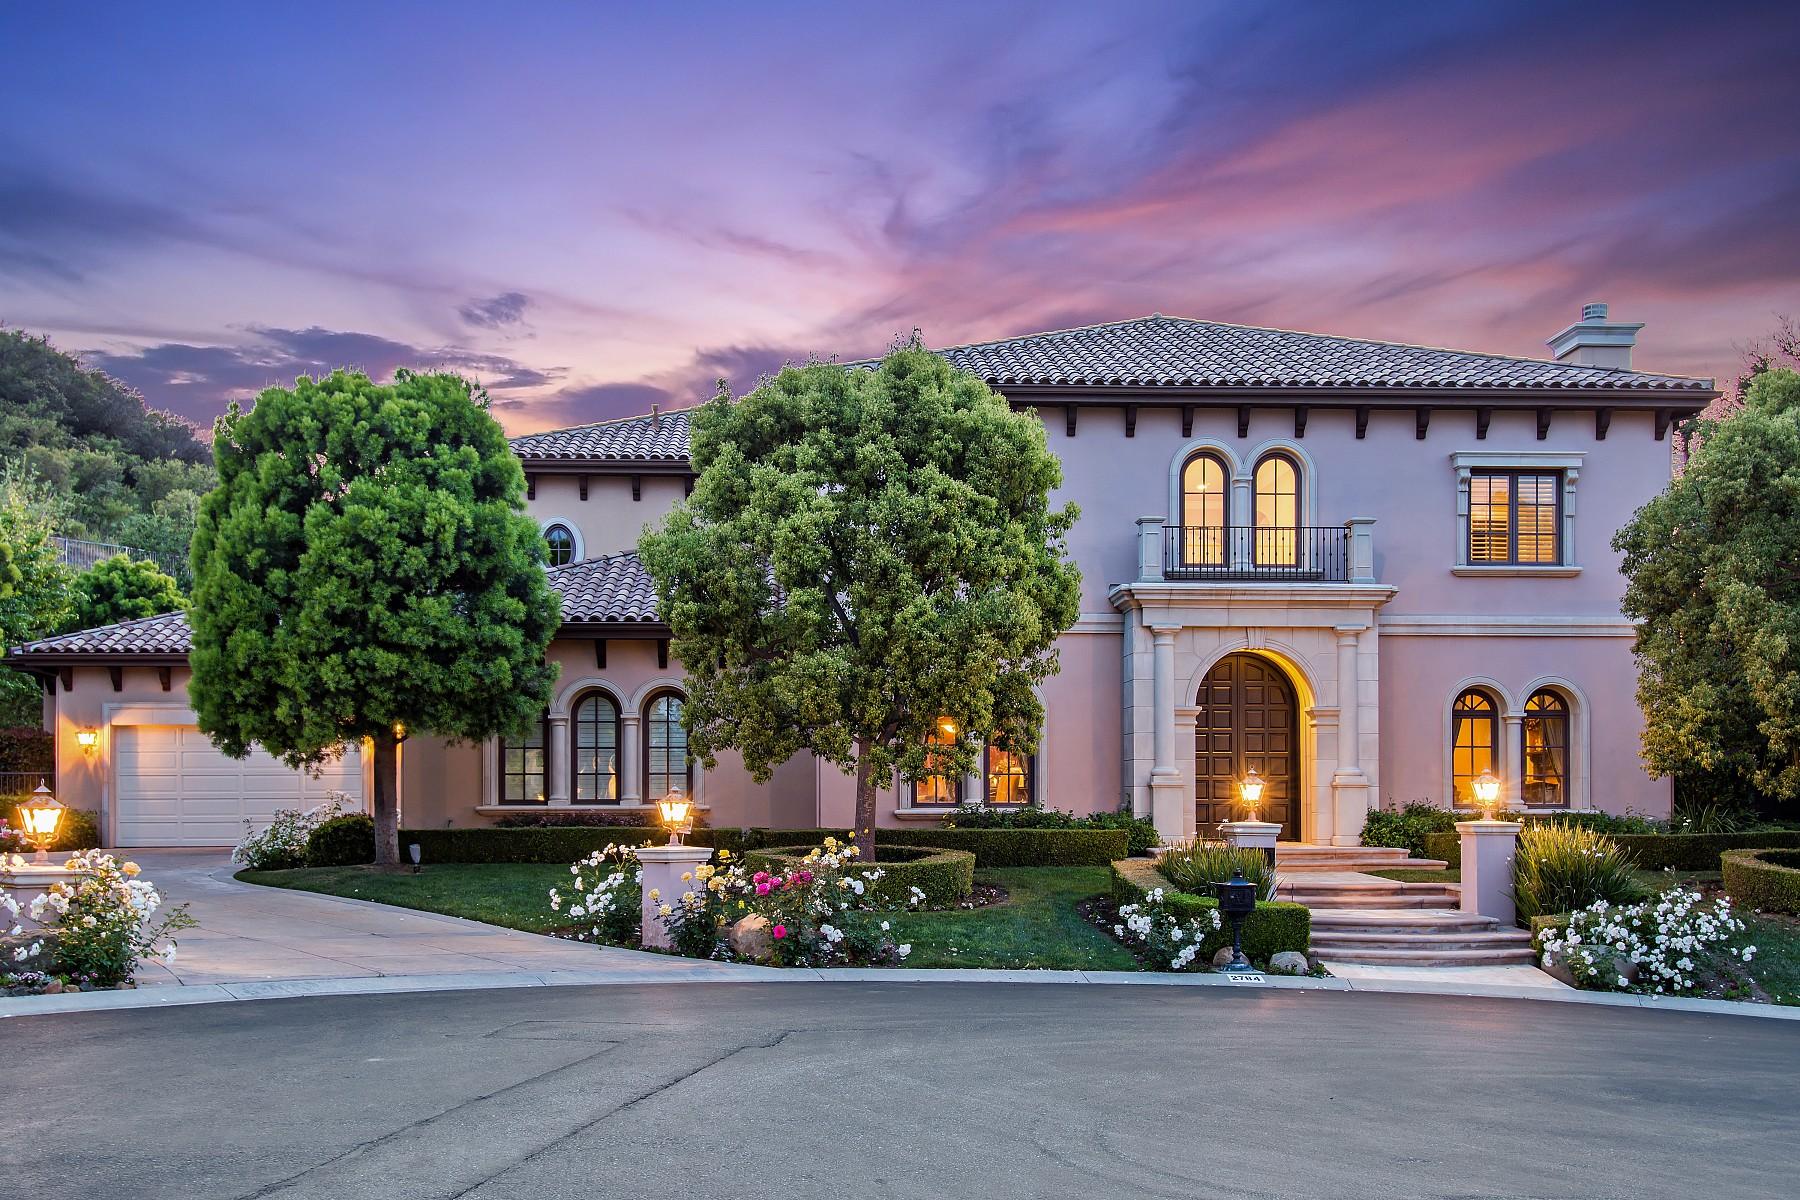 2784 Queens Garden Court, Thousand Oaks, CA 91361